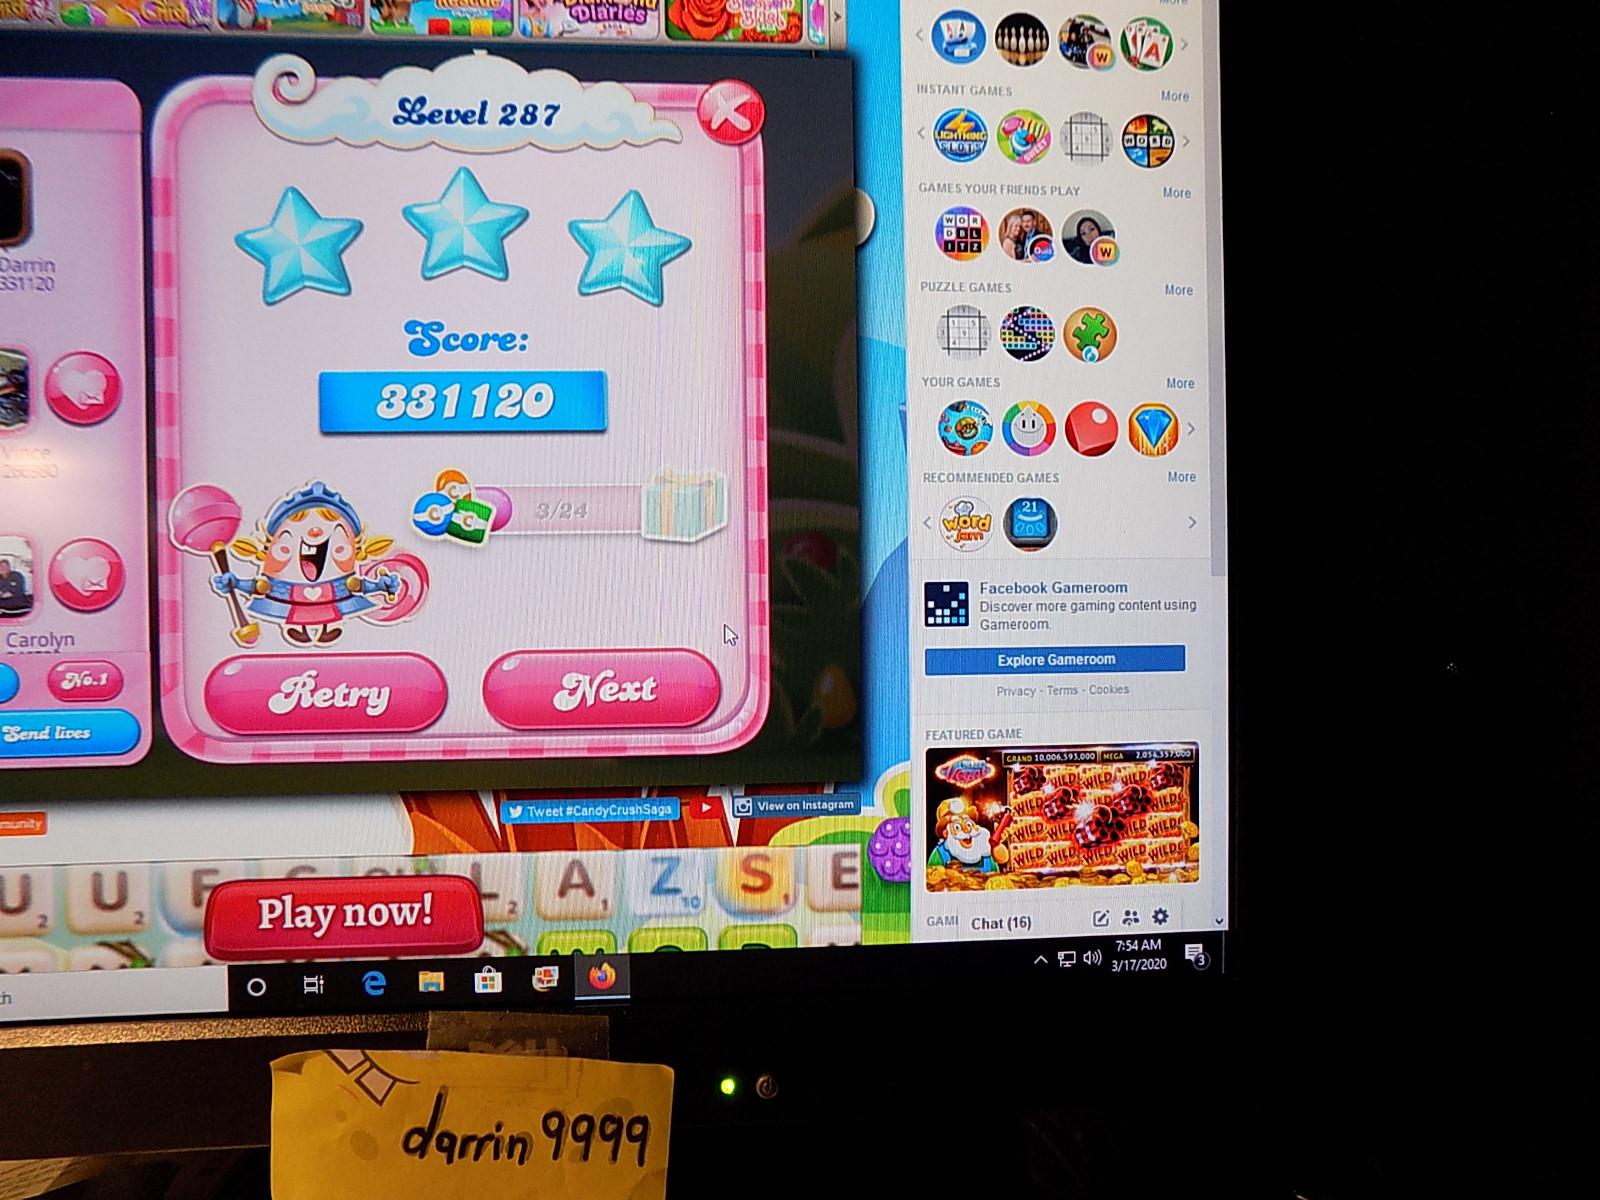 darrin9999: Candy Crush Saga: Level 287 (Web) 331,120 points on 2020-05-10 06:54:54